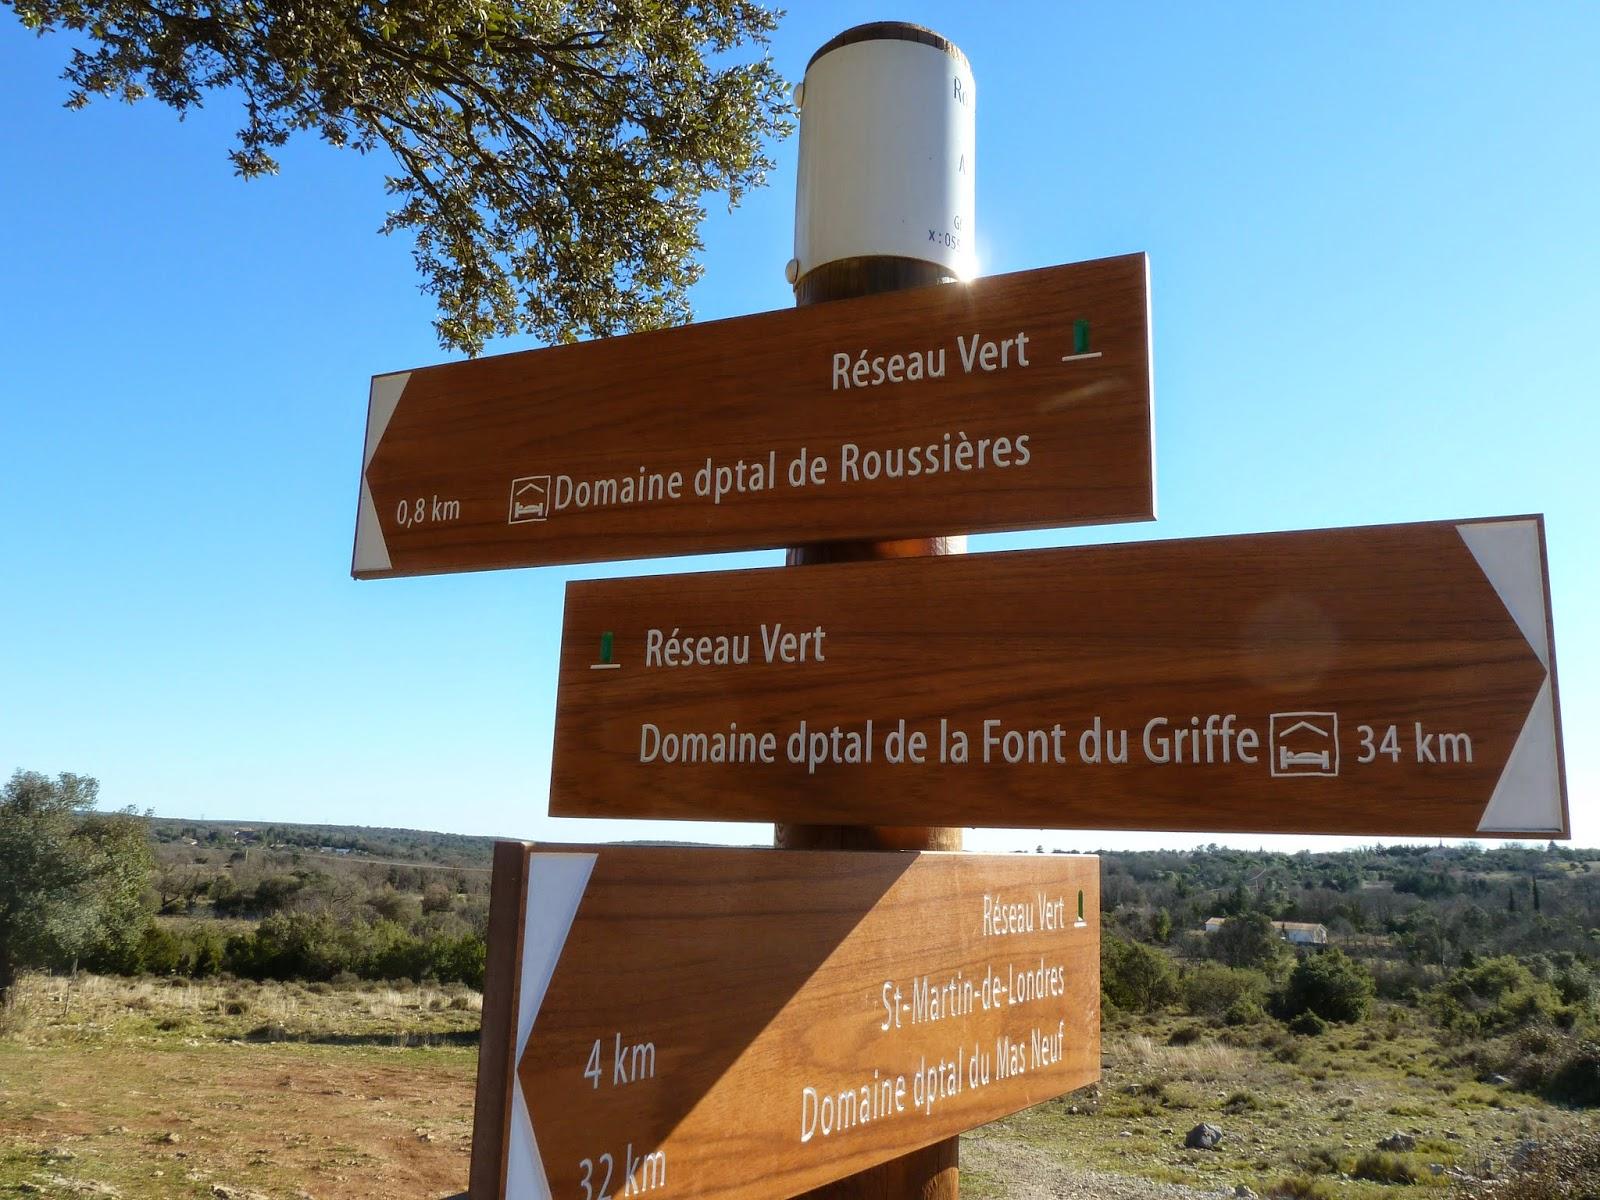 [CR] GTH34, de Bédarieux à Montpellier. Du 03 au 07 mars 2015. P1070055